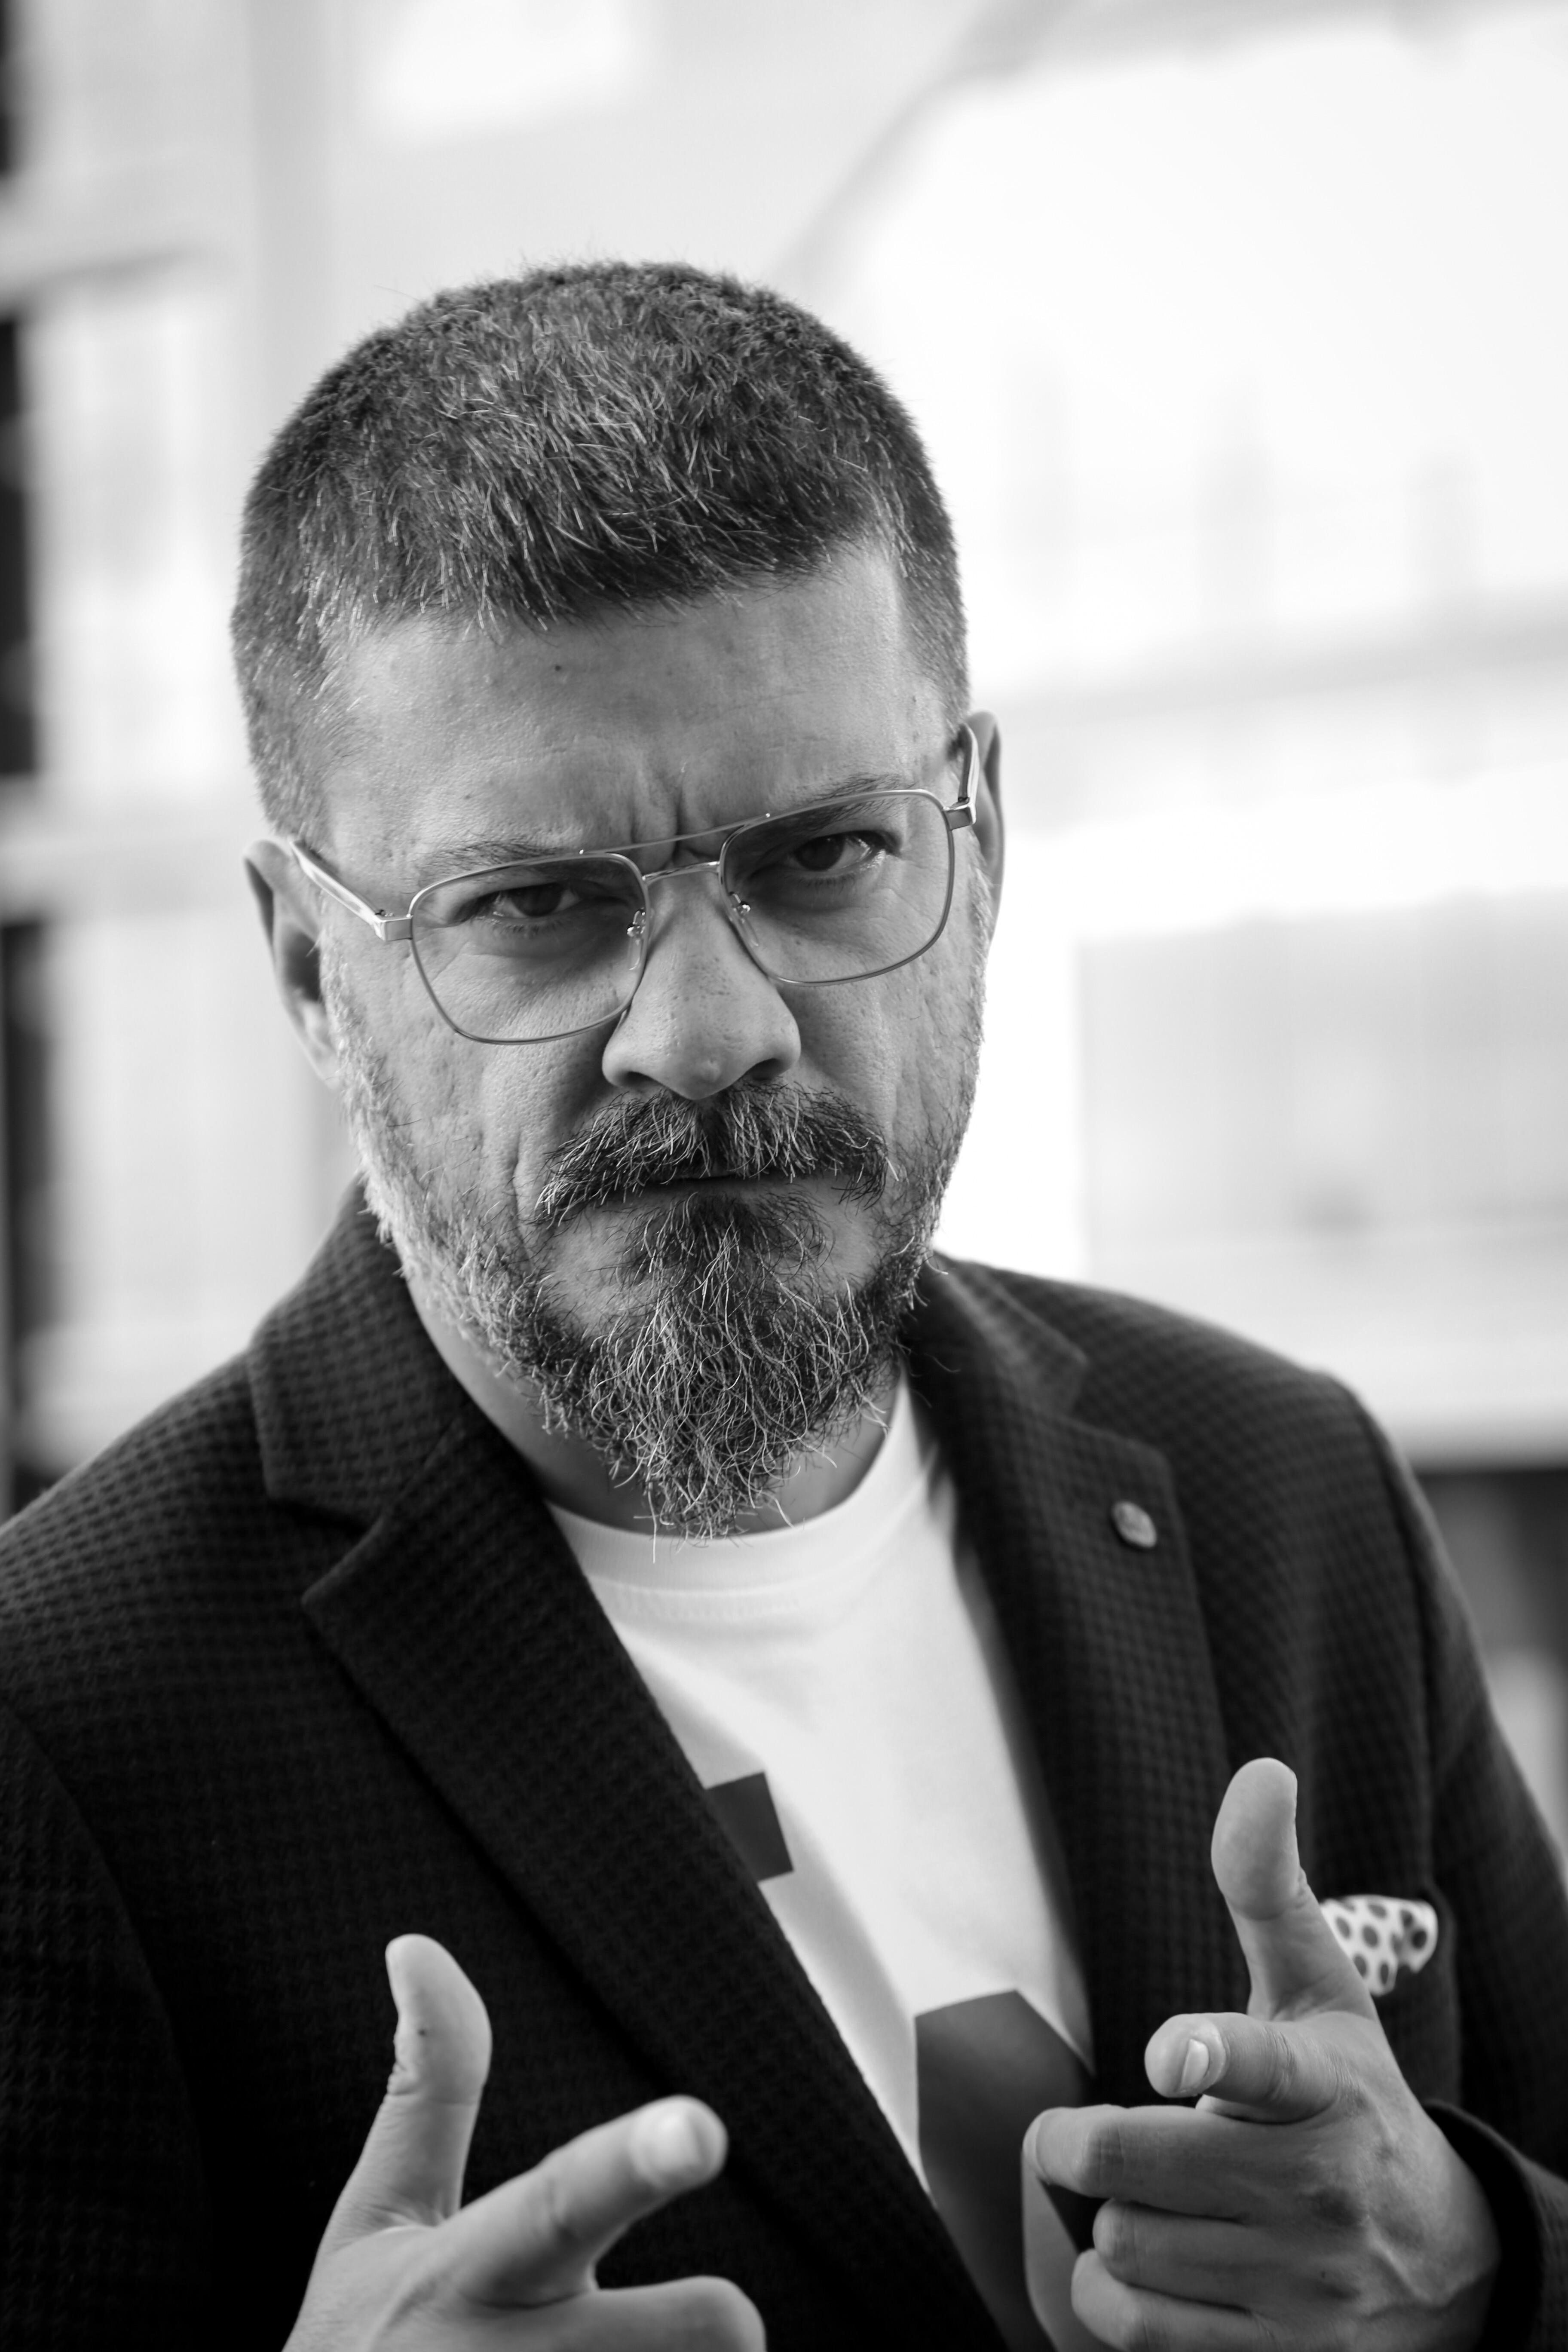 Ali Erhan Tamer